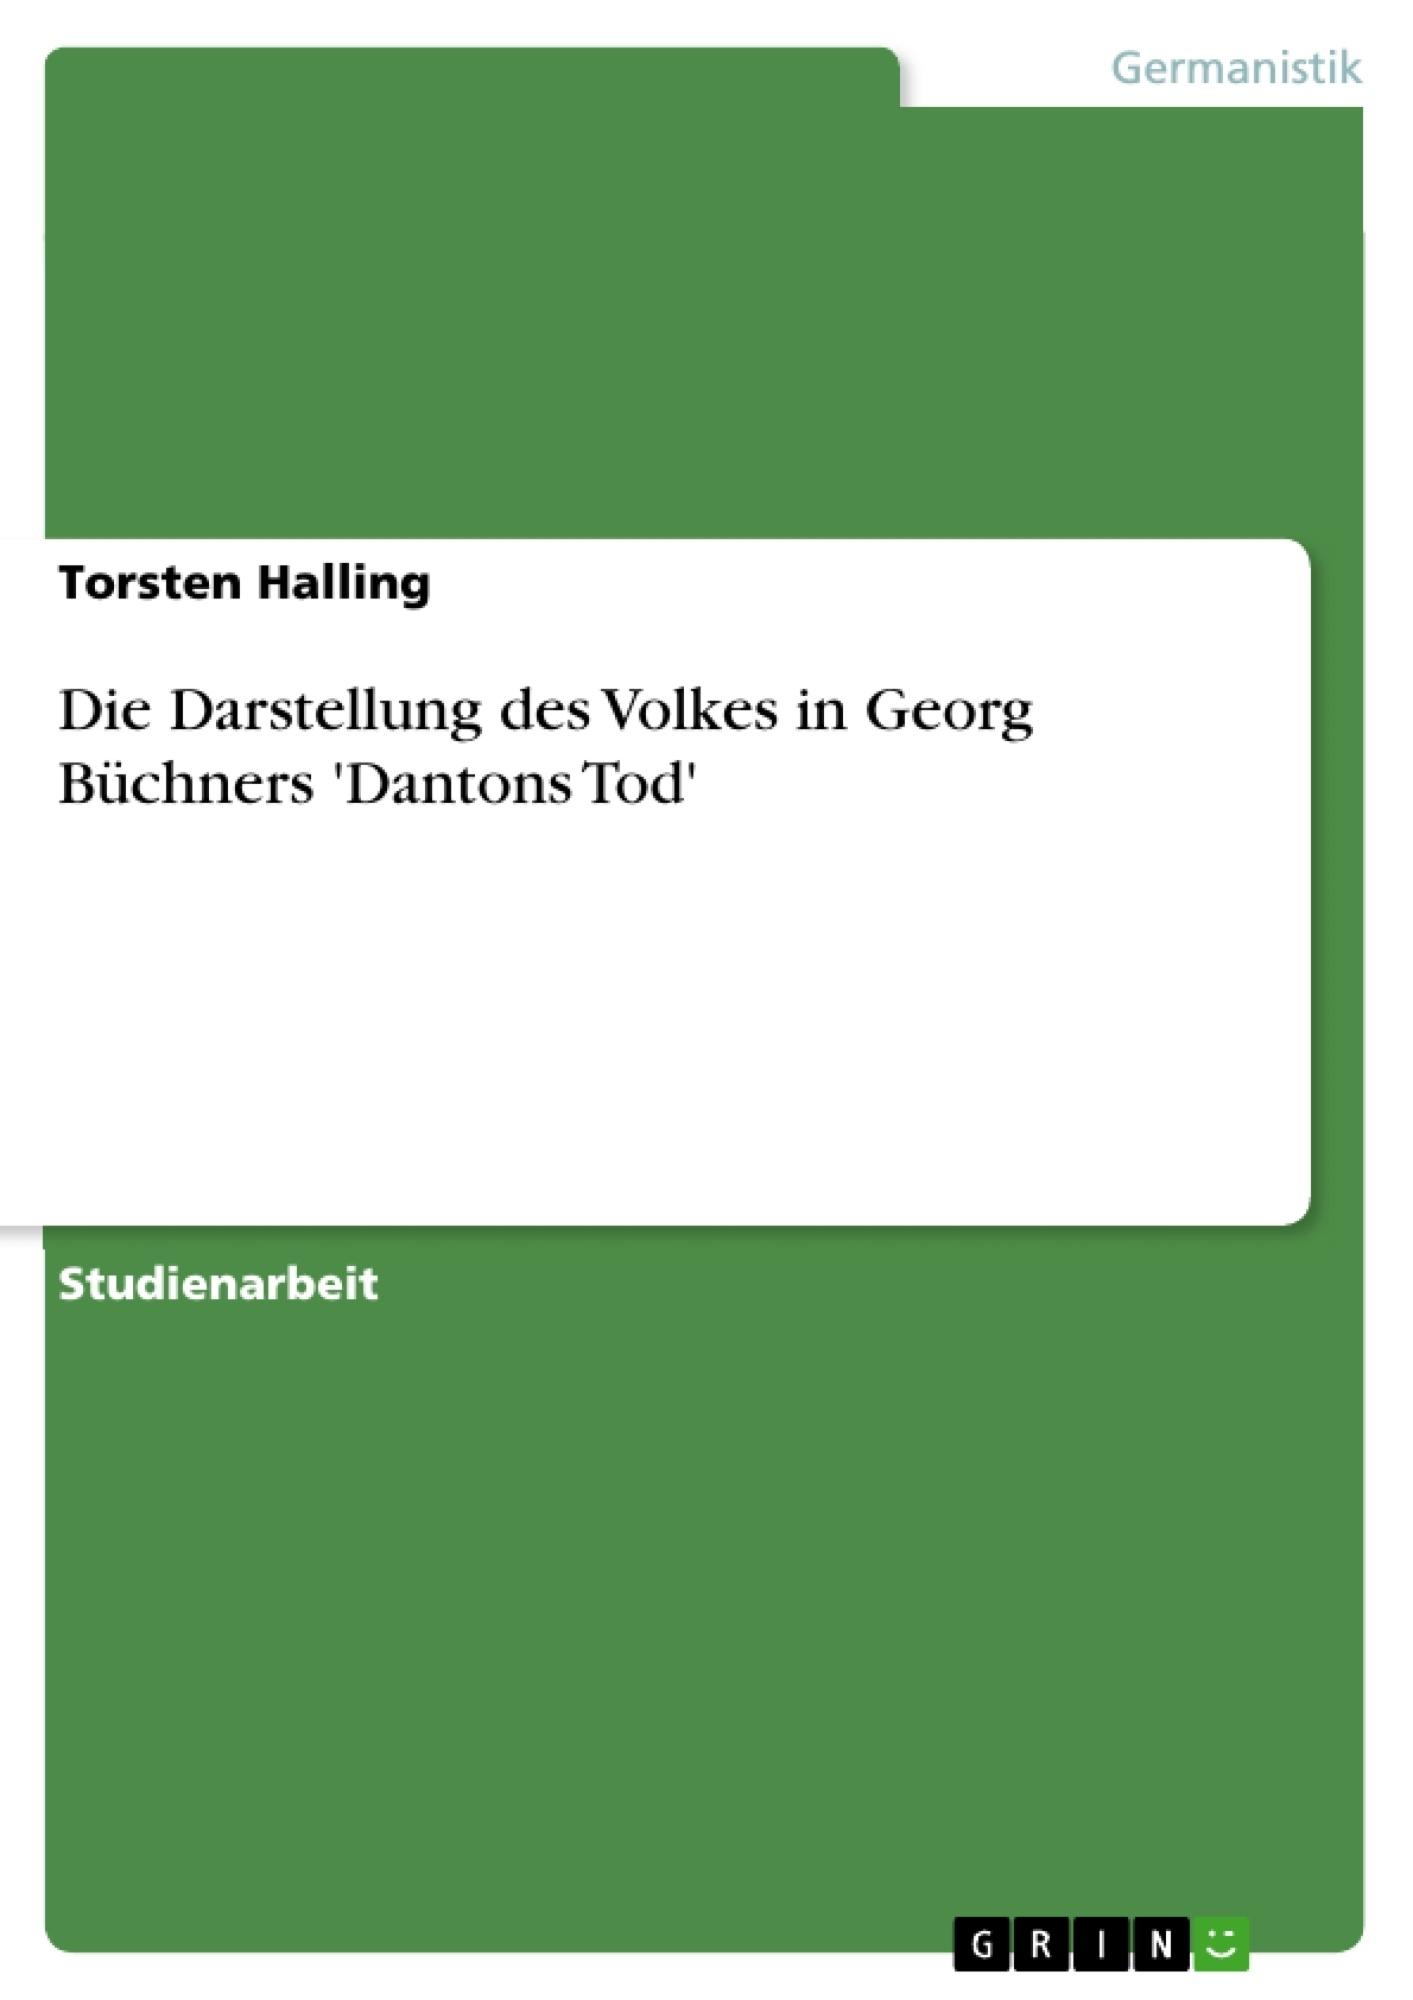 Titel: Die Darstellung des Volkes in Georg Büchners 'Dantons Tod'